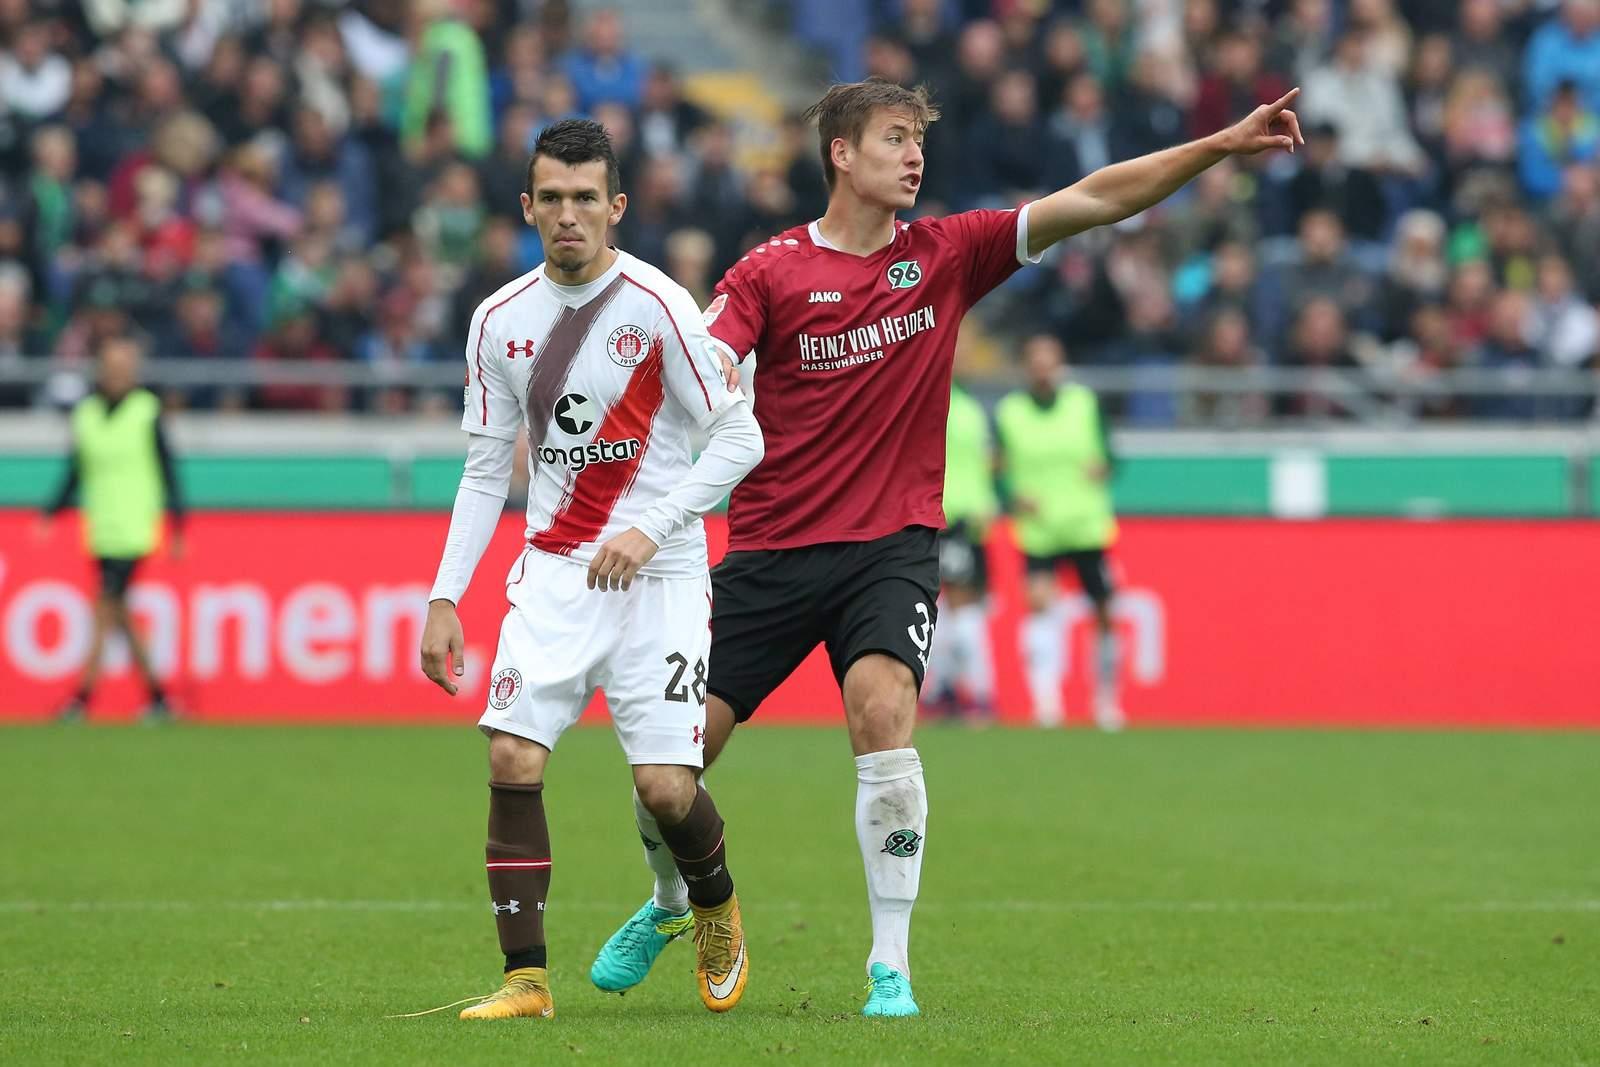 Waldemar Sobota vom FC St. Pauli gegen Waldemar Anton von Hannover 96